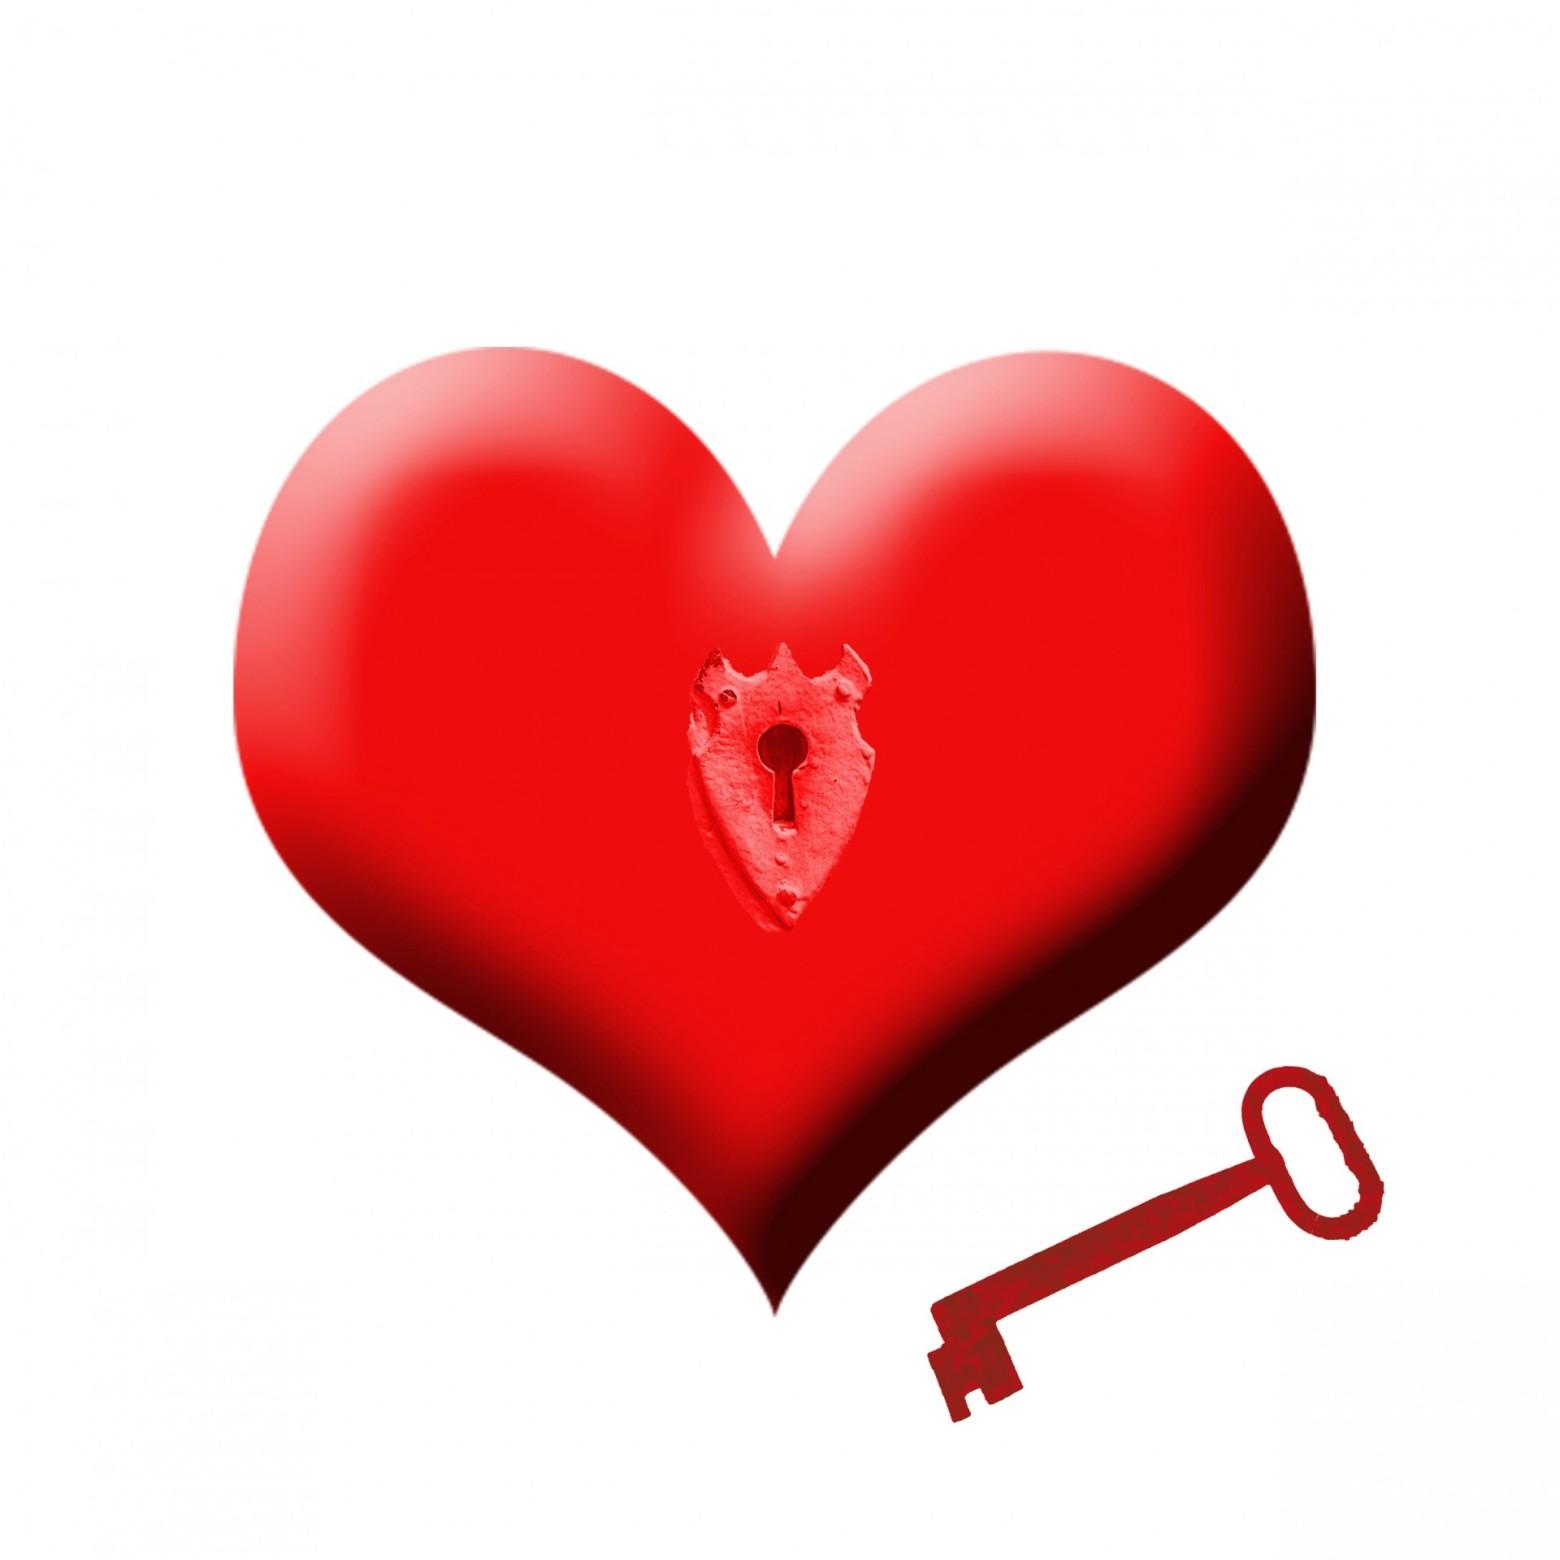 Un coeur et une cl image gratuite images gratuites et - Images coeur gratuites ...